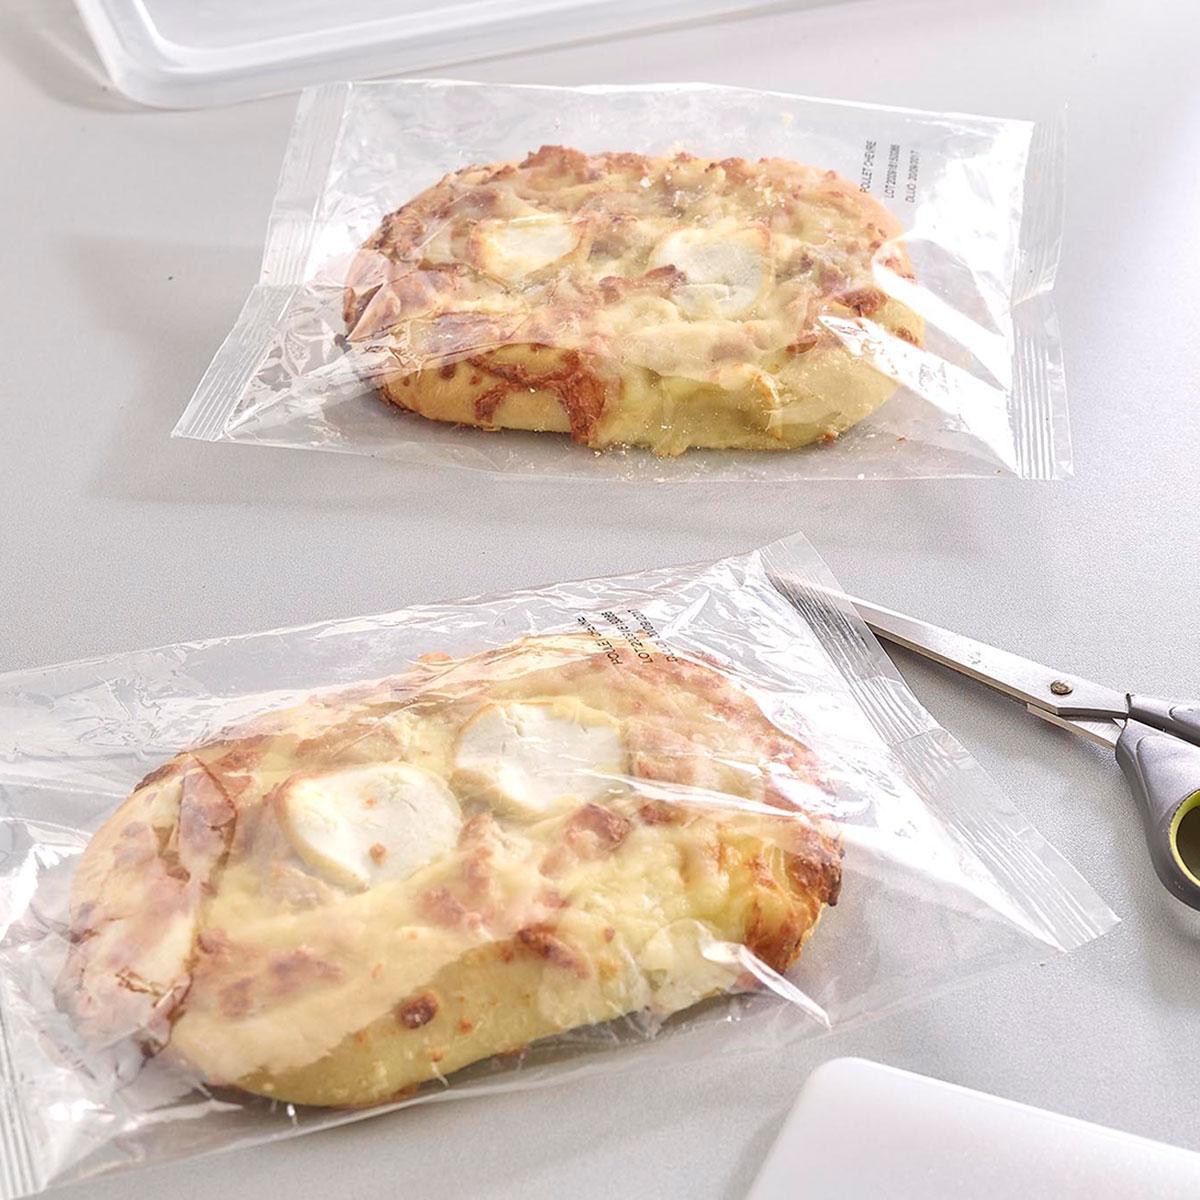 Chicken & goat's cheese fozza